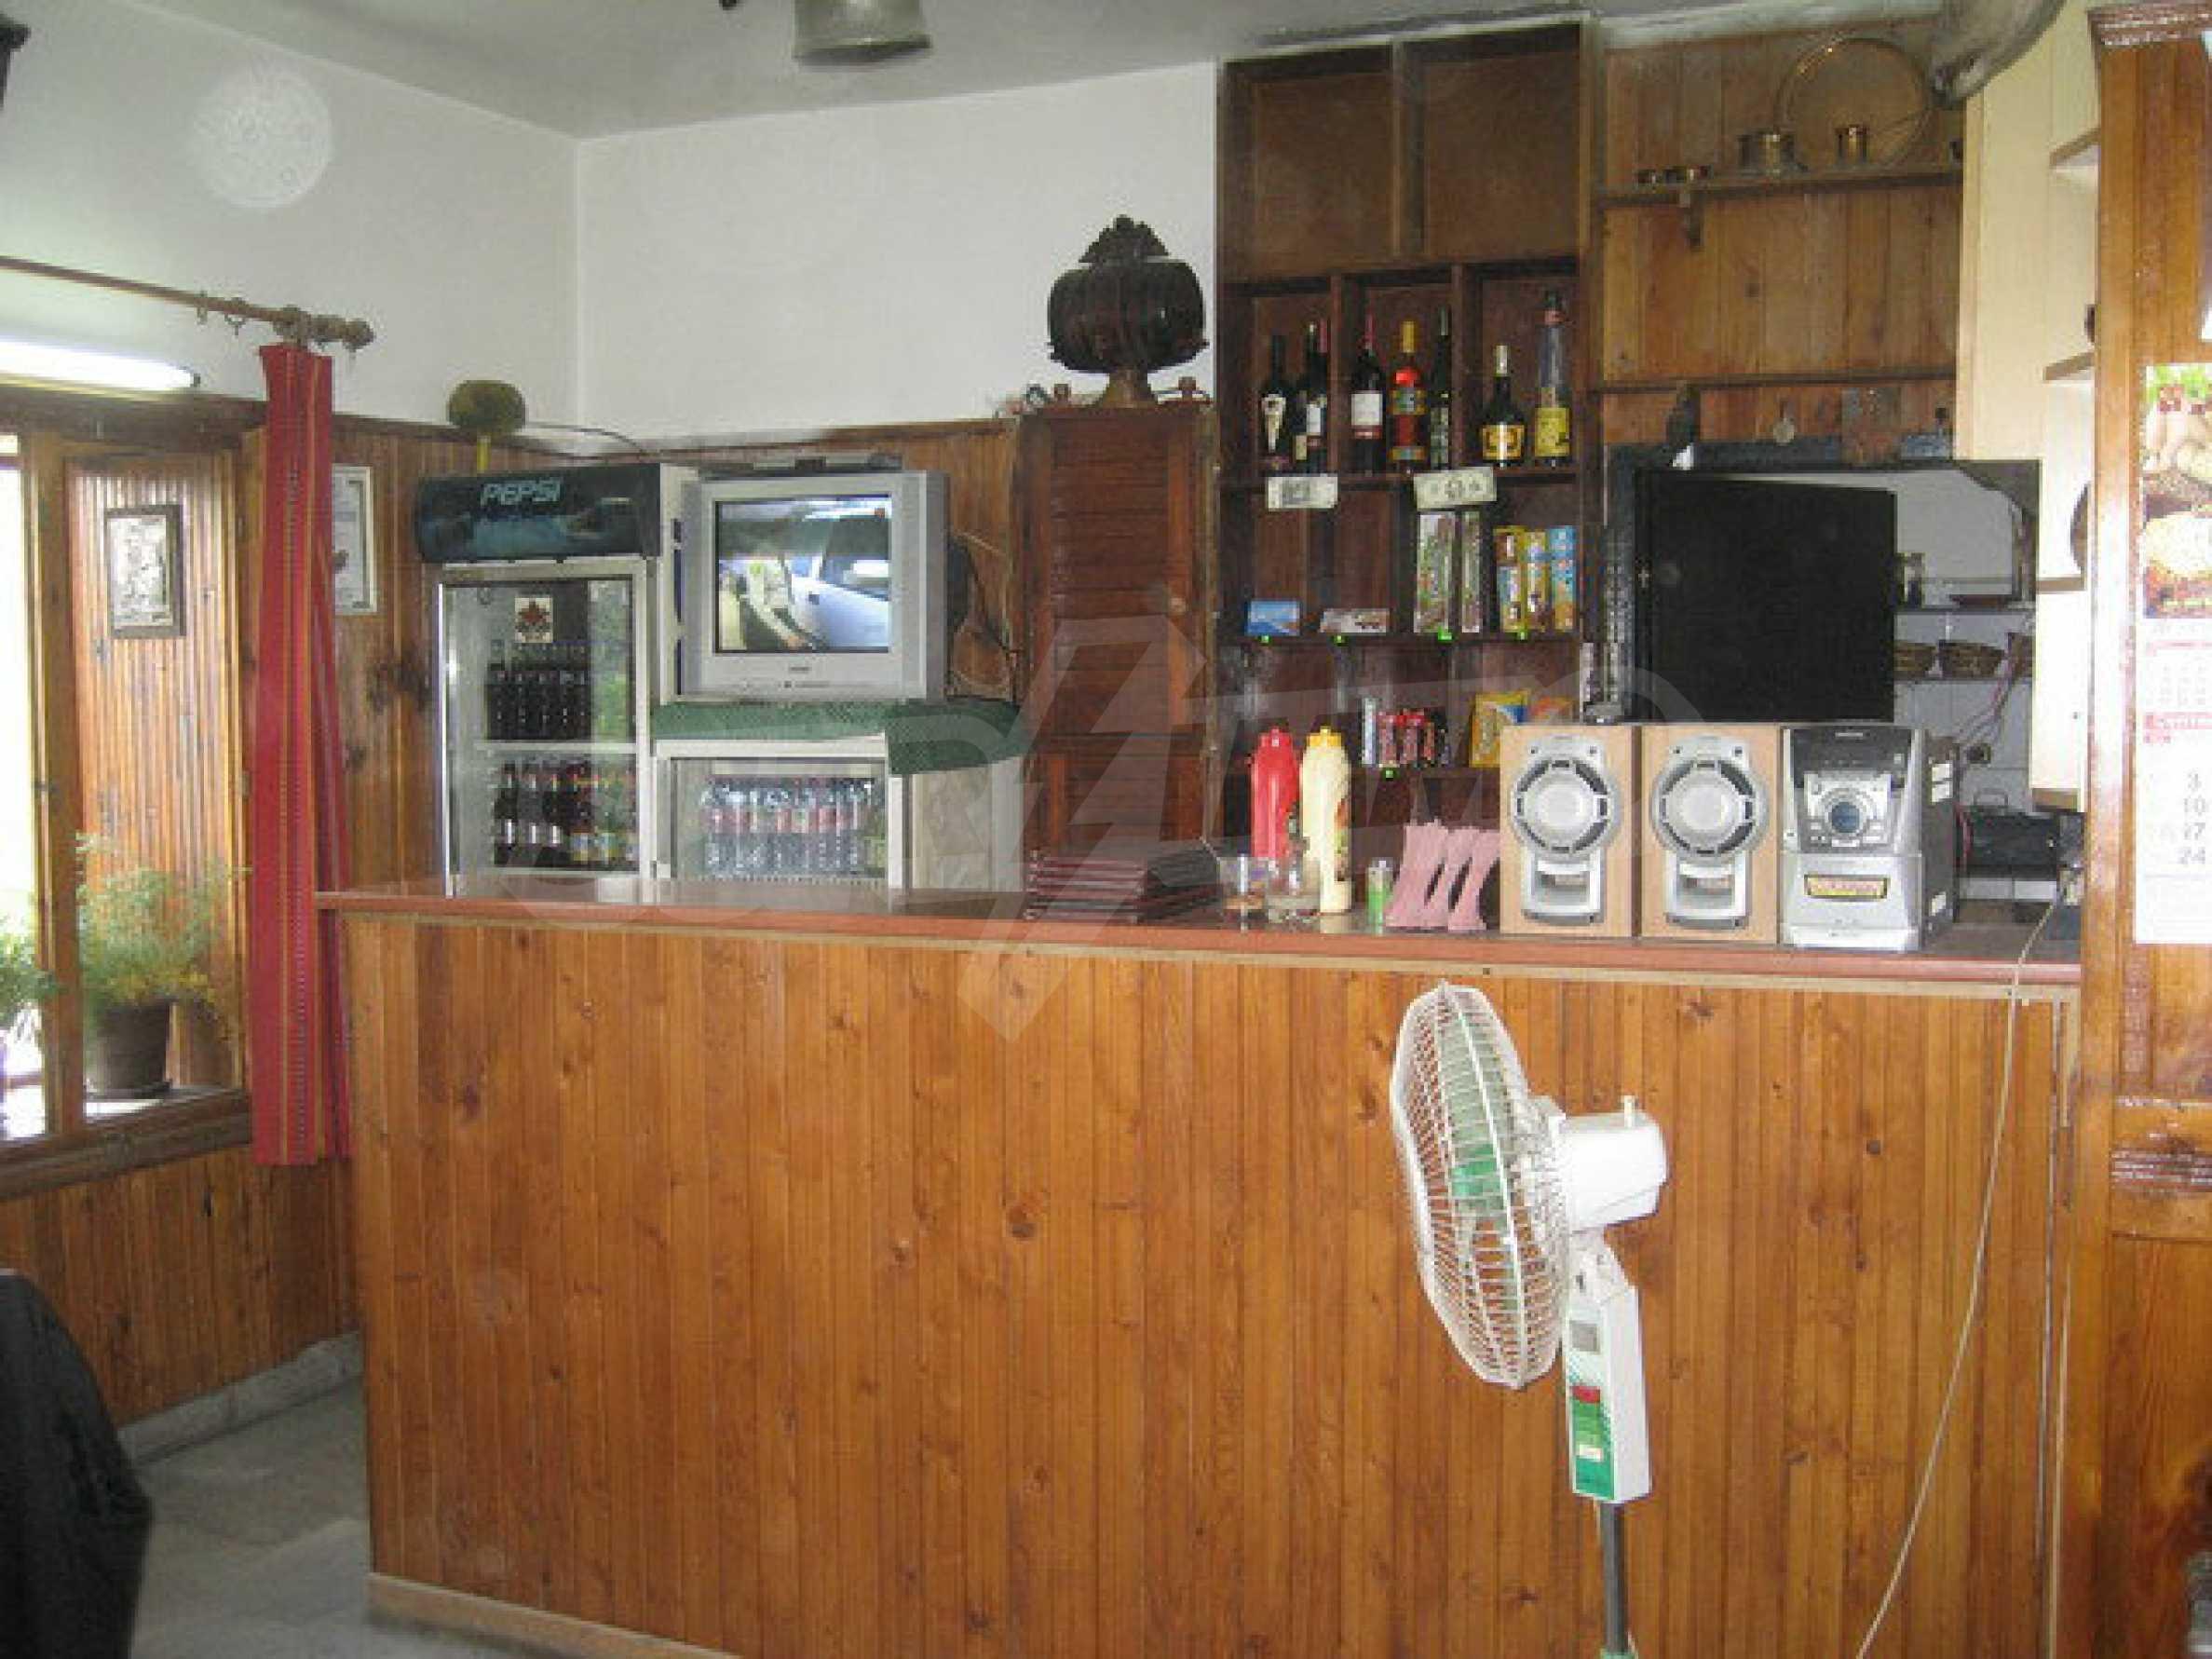 Funktionierendes Gasthaus / Taverne Meter vom Zaren-Assen-I-Platz in der alten Hauptstadt entfernt 5